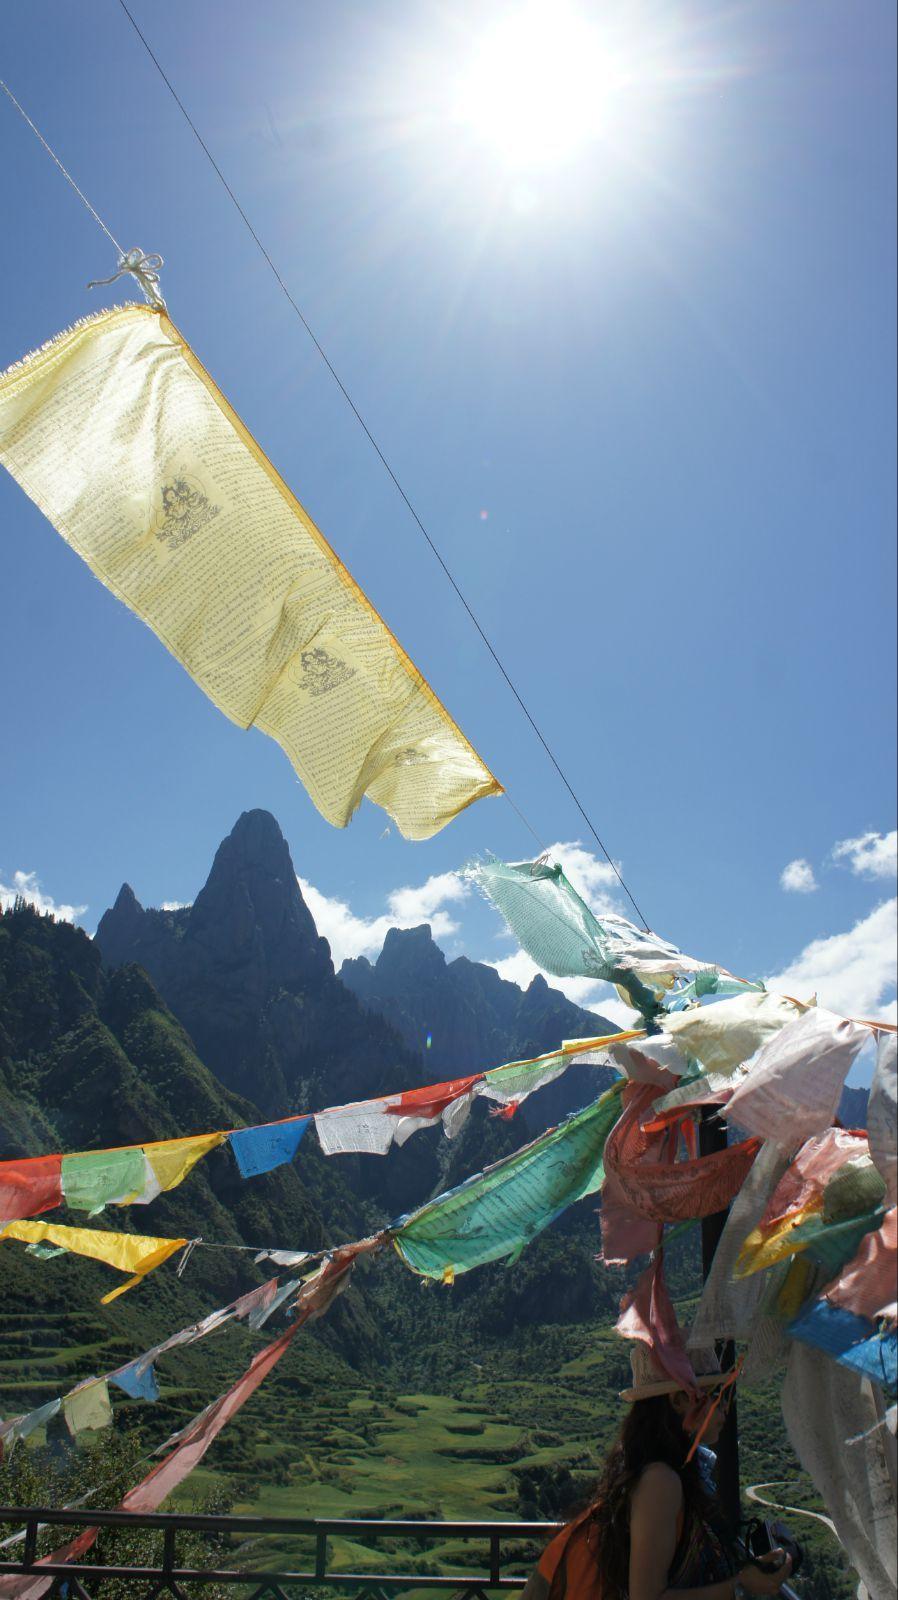 经幡与远山 似乎是藏区永恒的风景